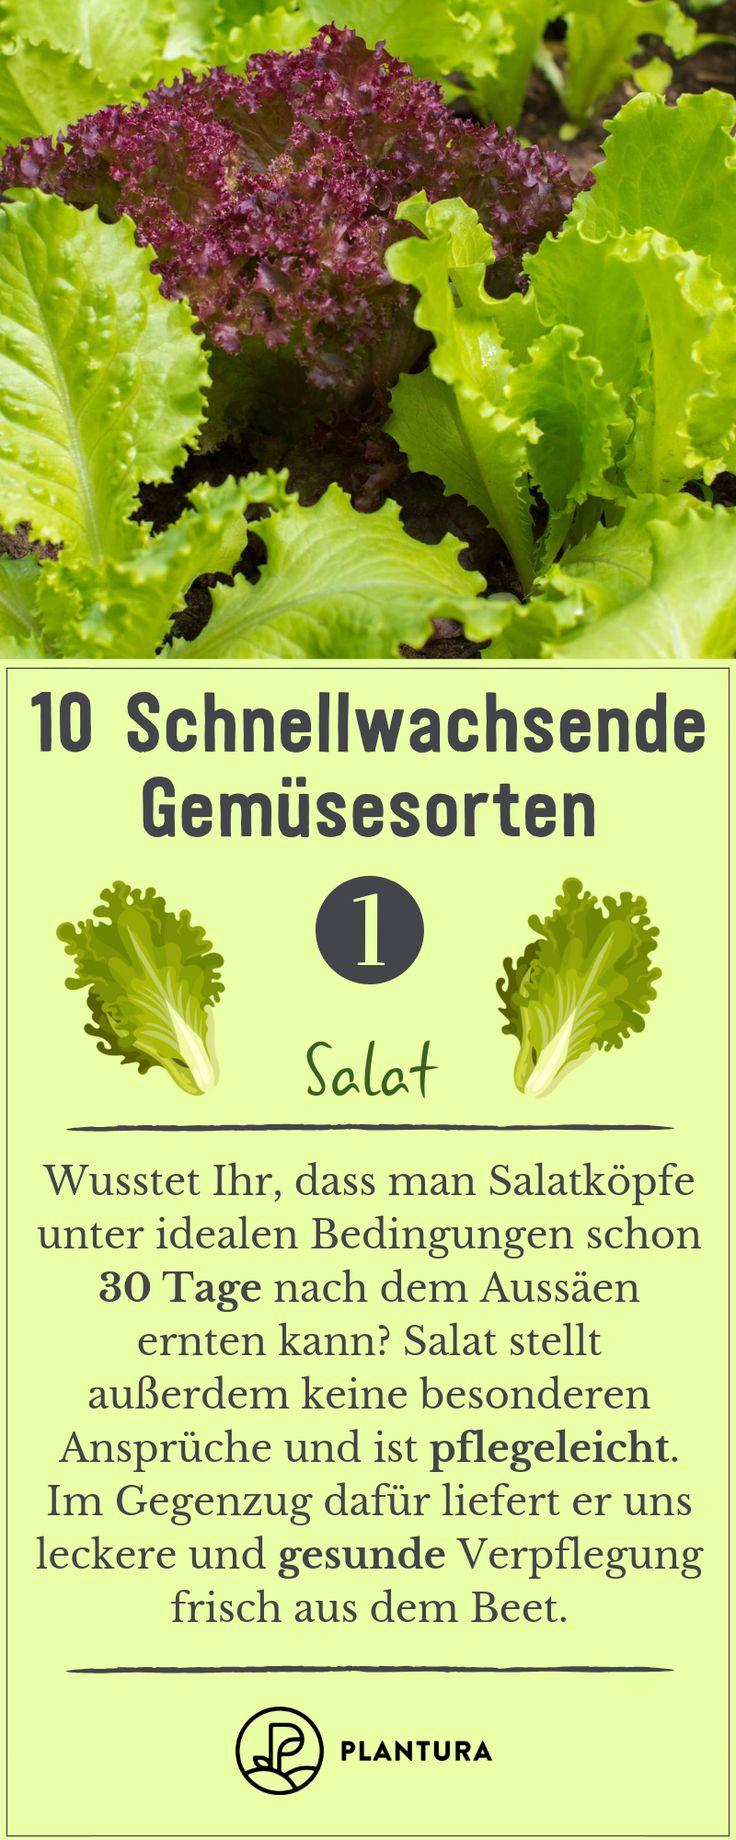 10 schnellwachsende Gemüsesorten – Petra Bühler